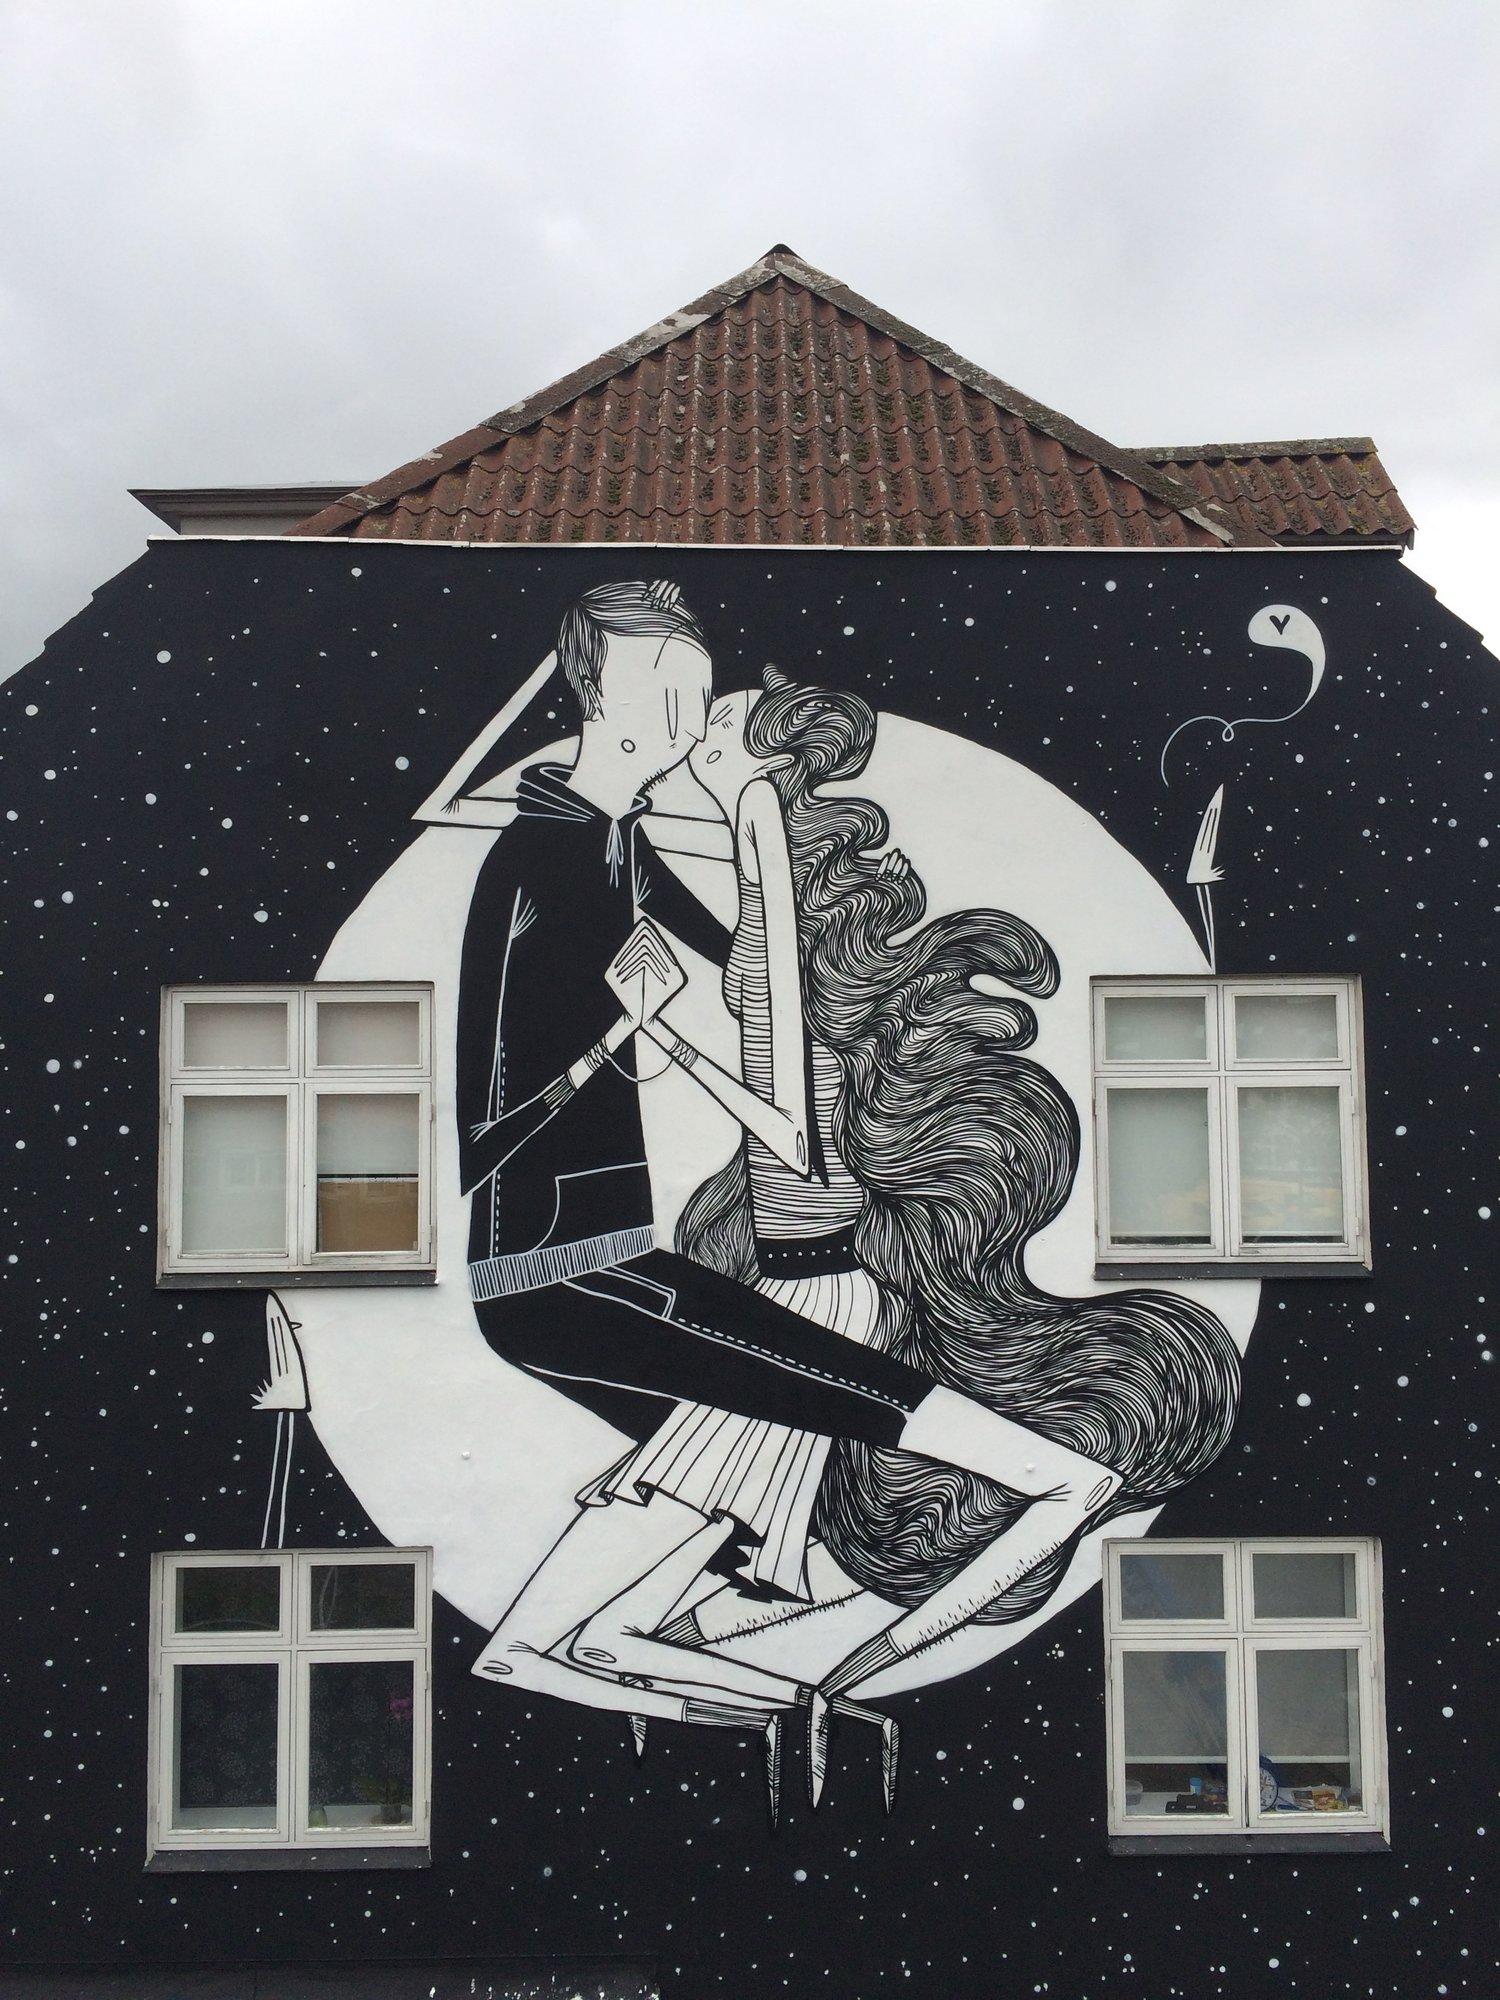 La street art romantica di Alex Senna | Collater.al 16